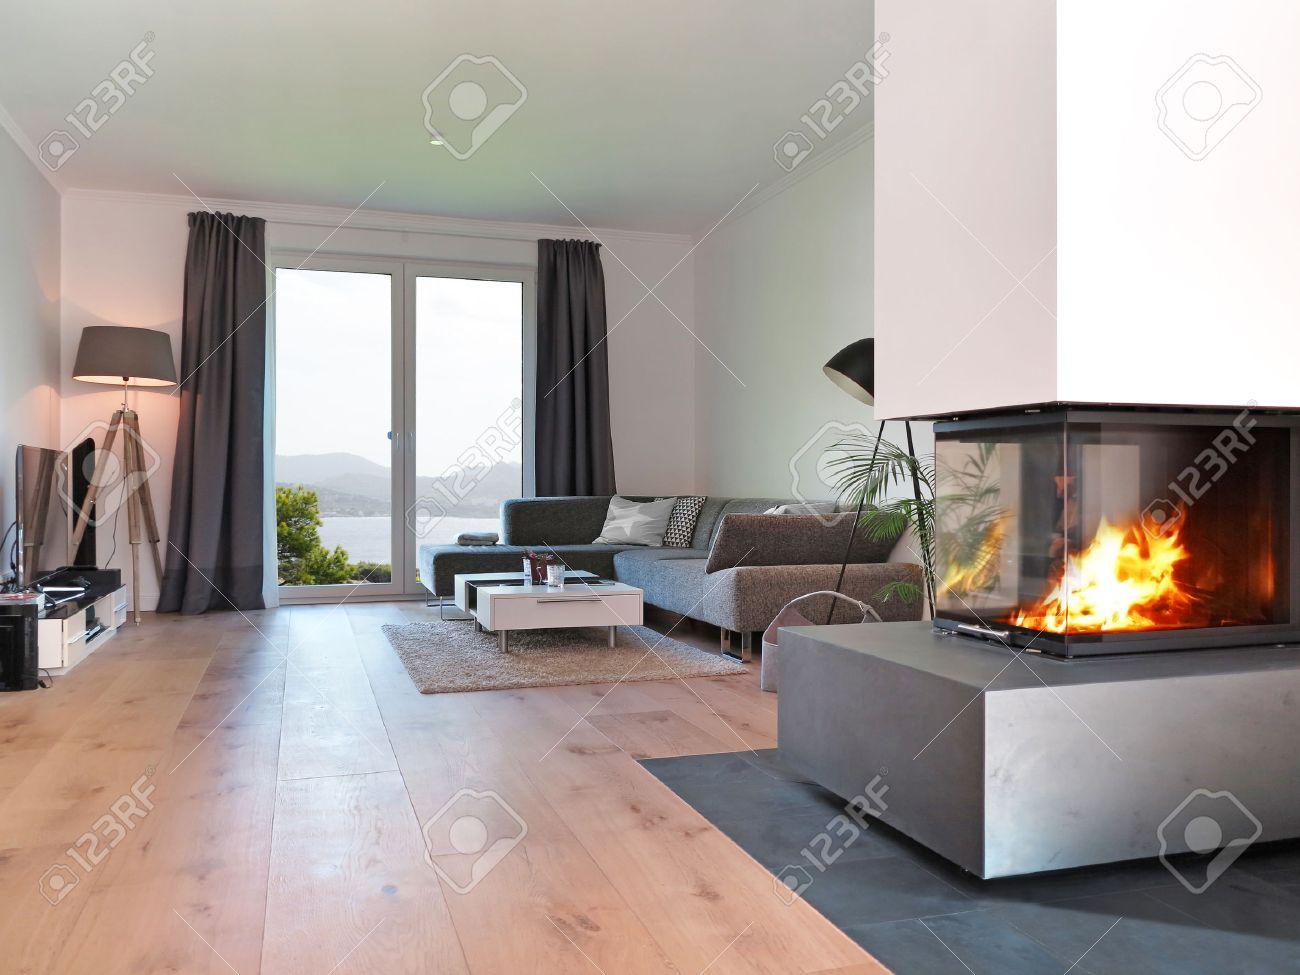 Salon moderne avec cheminée et une vue de la côte